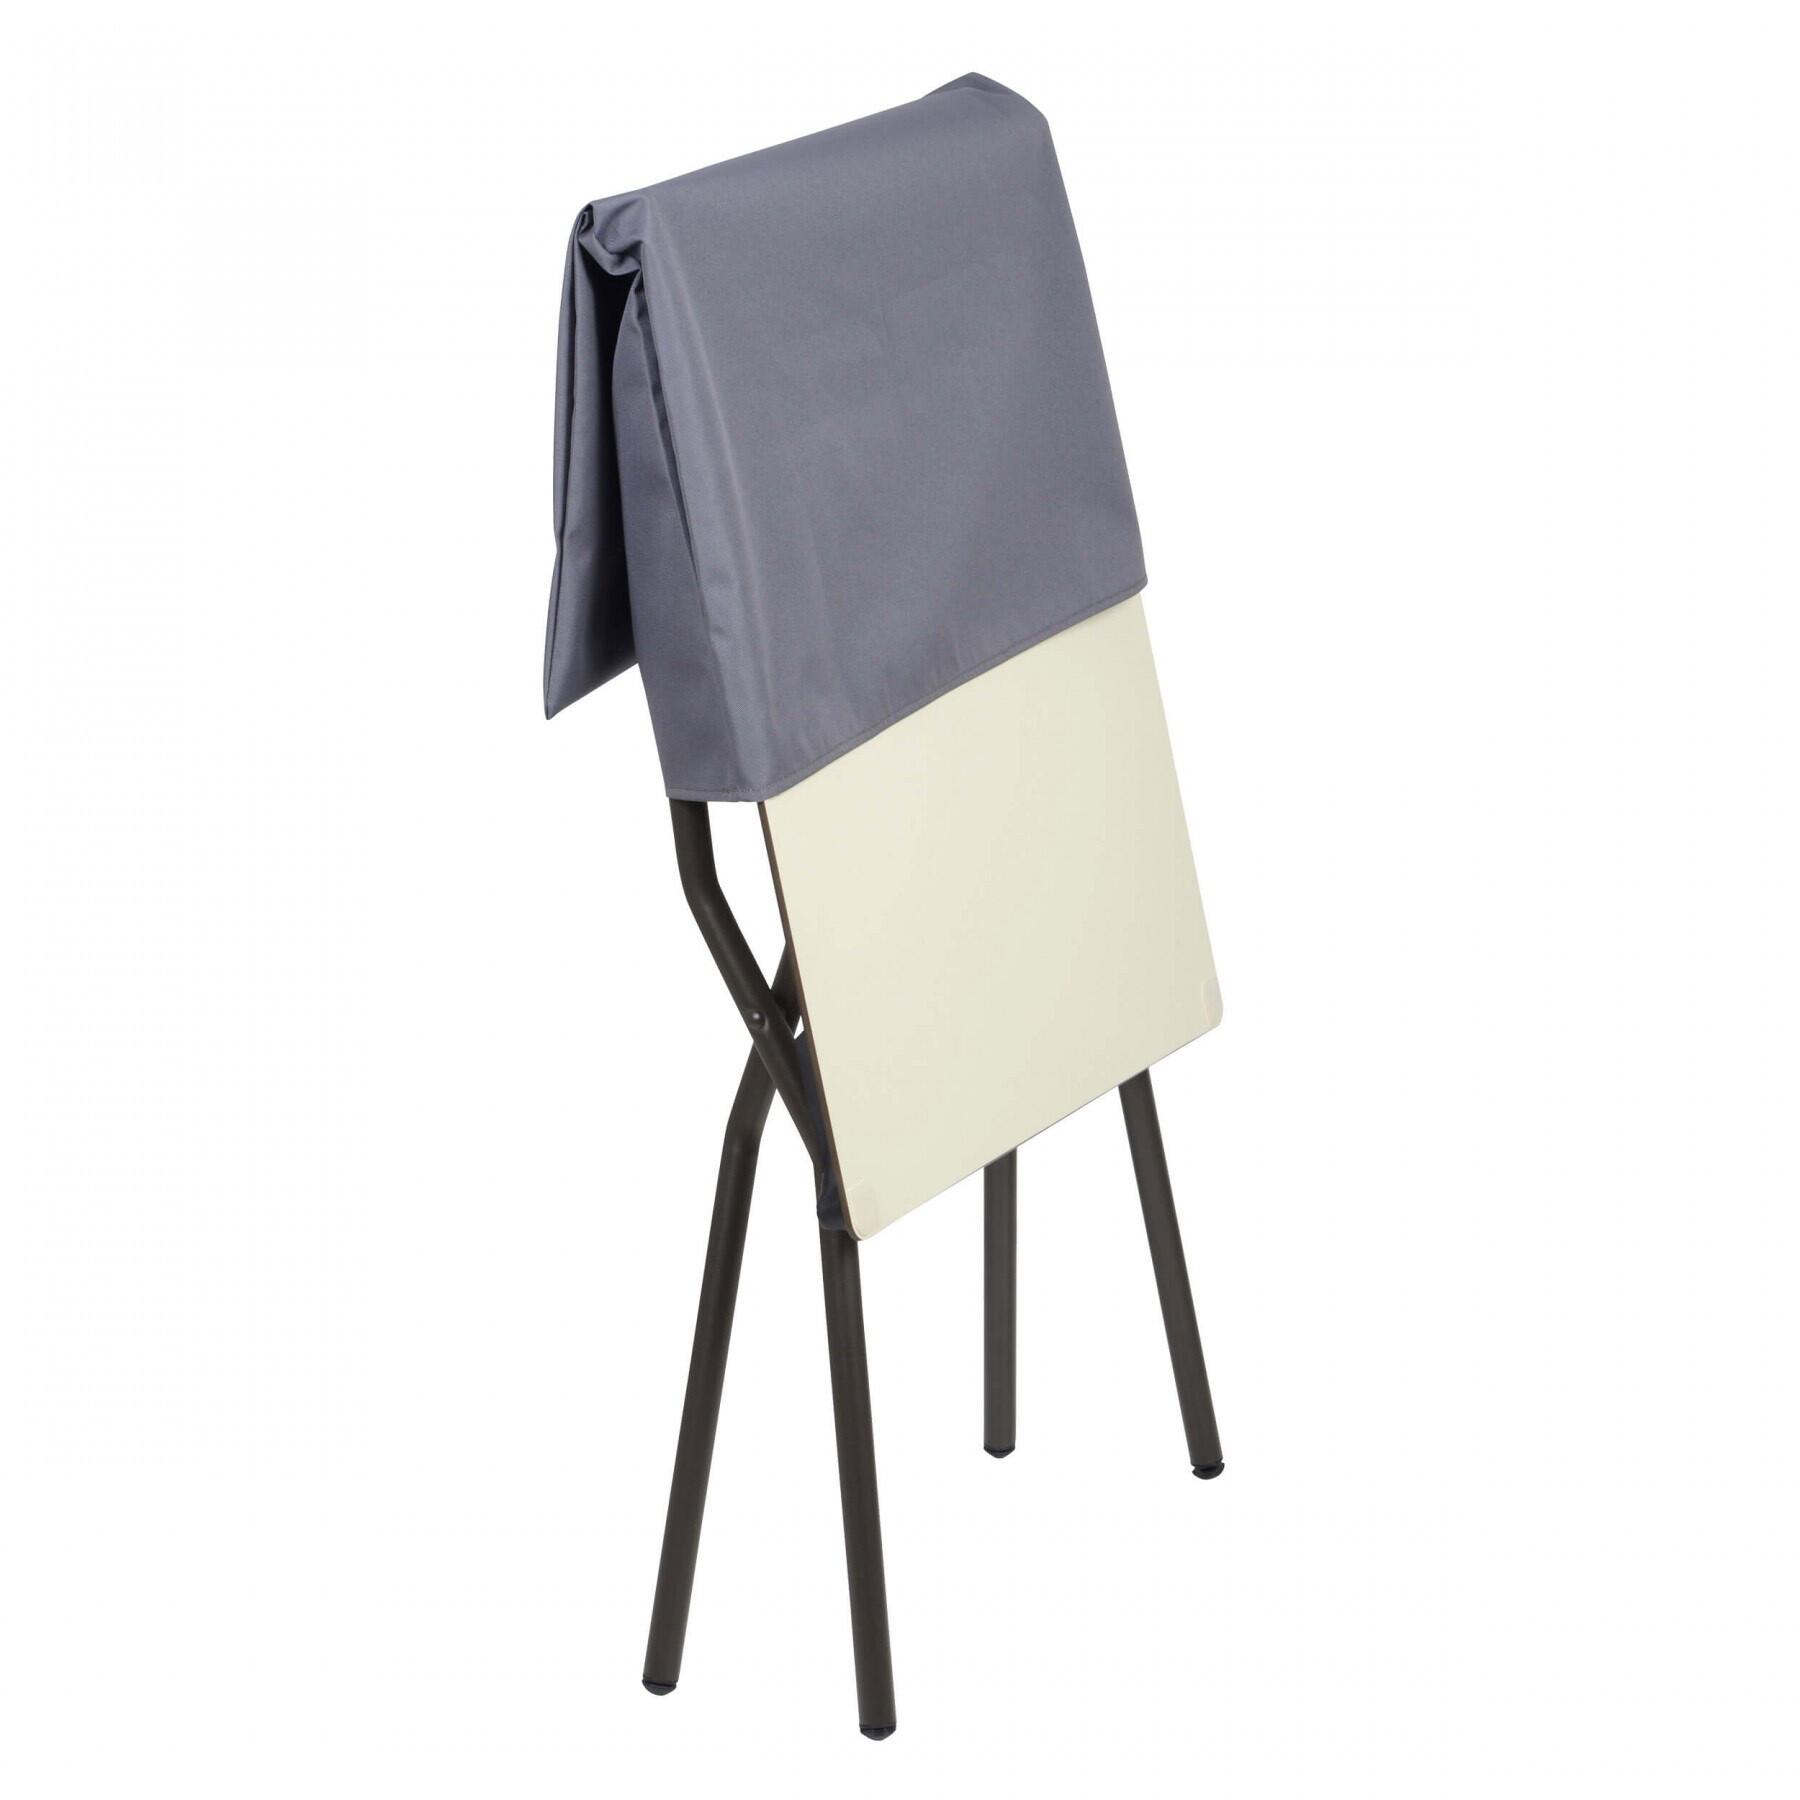 Lafuma Mobilier Schutzhülle Für Tisch Anytime 68x64cm